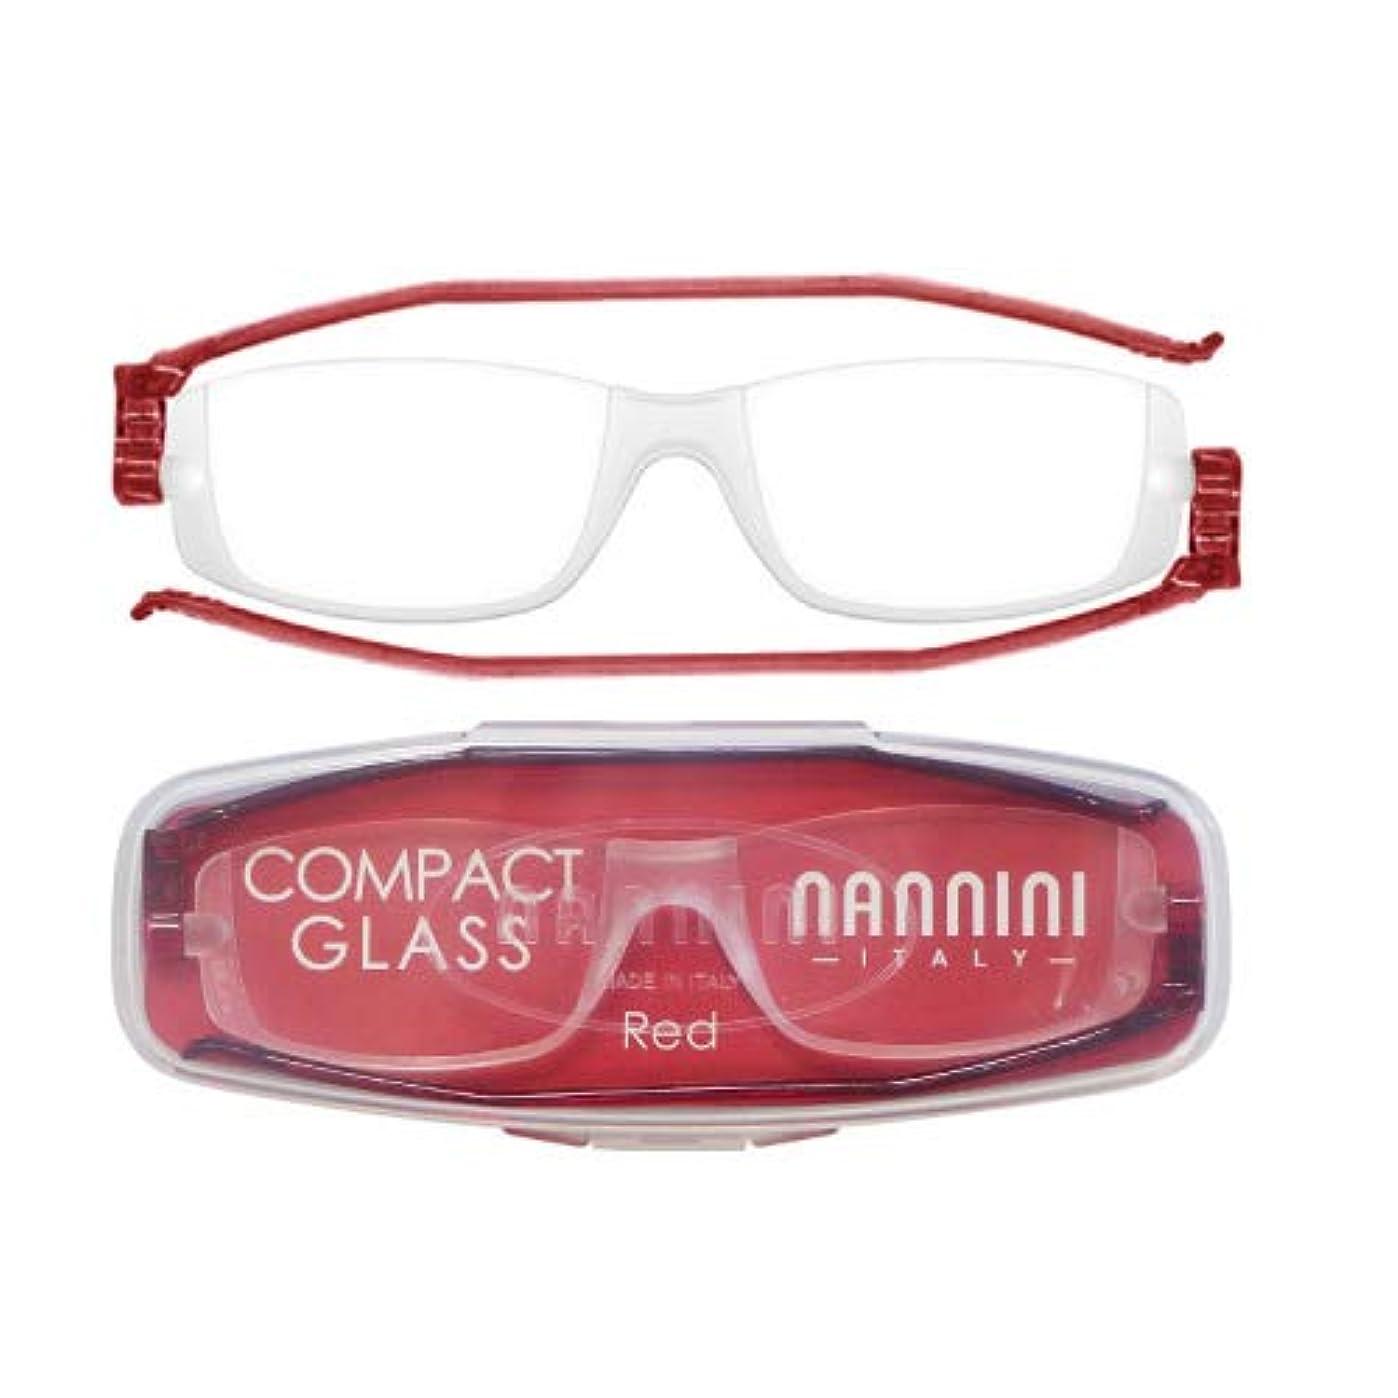 老眼鏡 コンパクトグラス2 nannini リーディンググラス 男性用 女性用 メンズ レディース シニアグラス 全12色(+1.50,レッド)